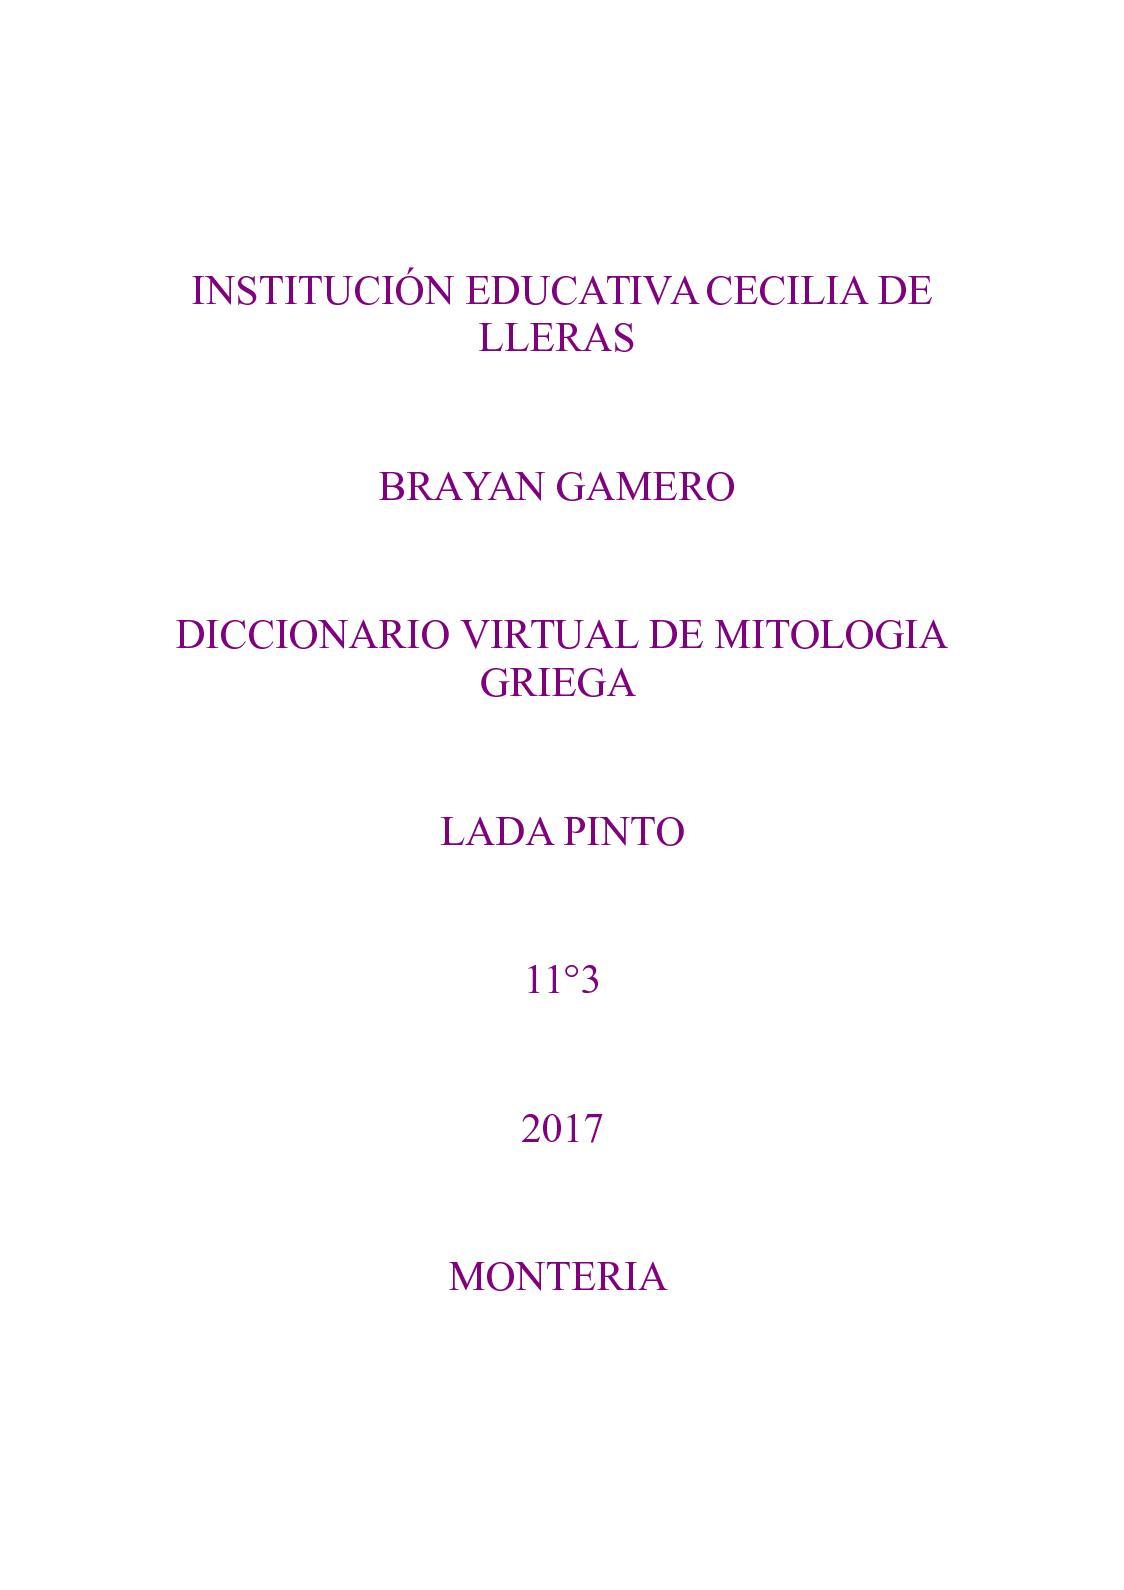 Virtual De Mitología Griega Calaméo Gamero La Brayan Diccionario RLA3j54